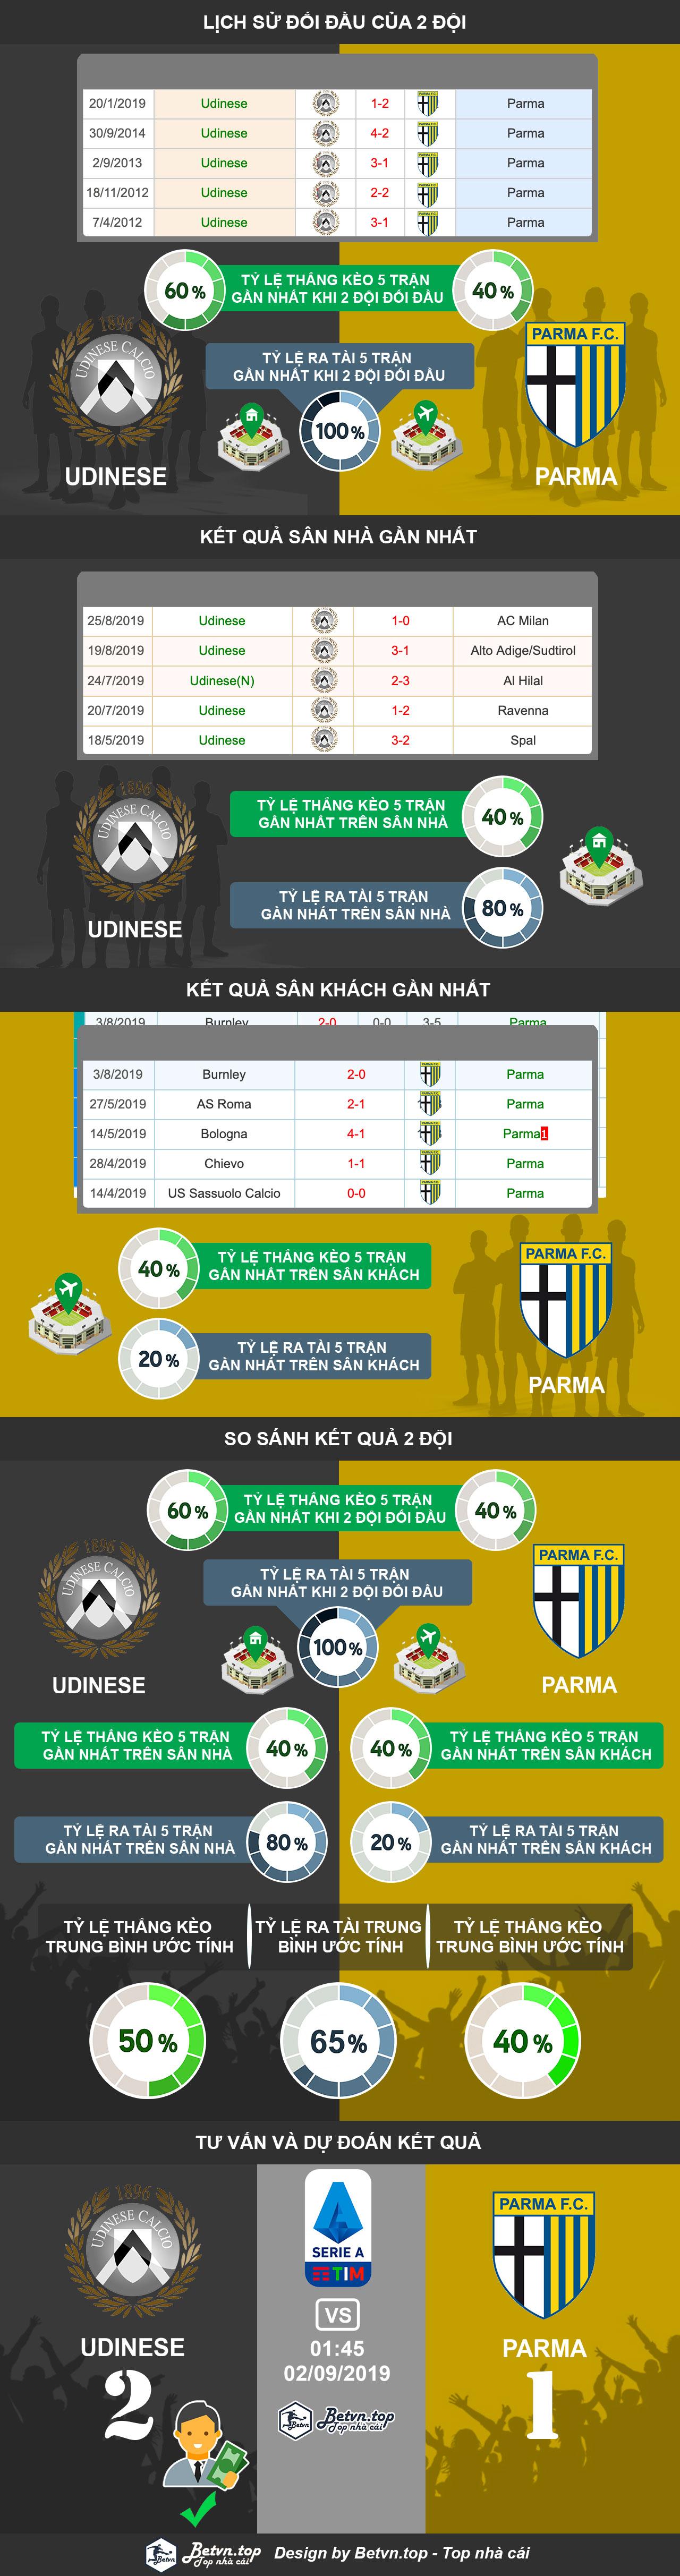 Phân tích tỷ lệ thắng kèo nhà cái cá cược bóng đá qua mạng uy tín nhất. Hướng dẫn cá độ bóng đá qua mạng Udinese vs Parma, 1h45 02/09/2019 VĐQG Italia